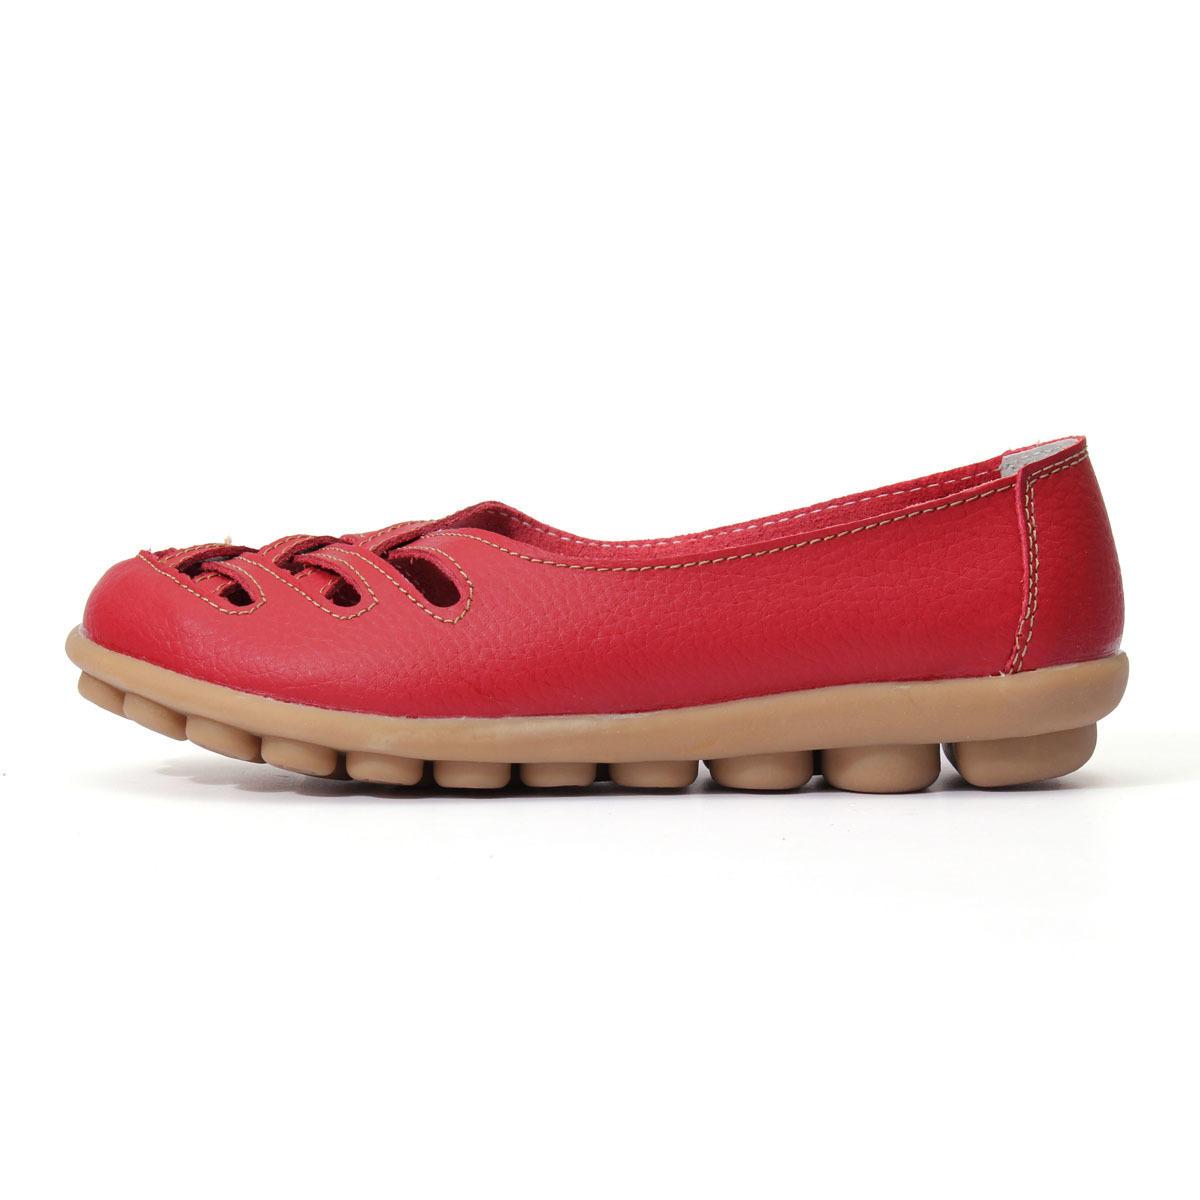 Jual Sandal Wanita Kulit Asli Sepatu Musim Panas Dicungkil Perawat Bekerja Otot Sapi Budak Sepatu Flat Oem Grosir